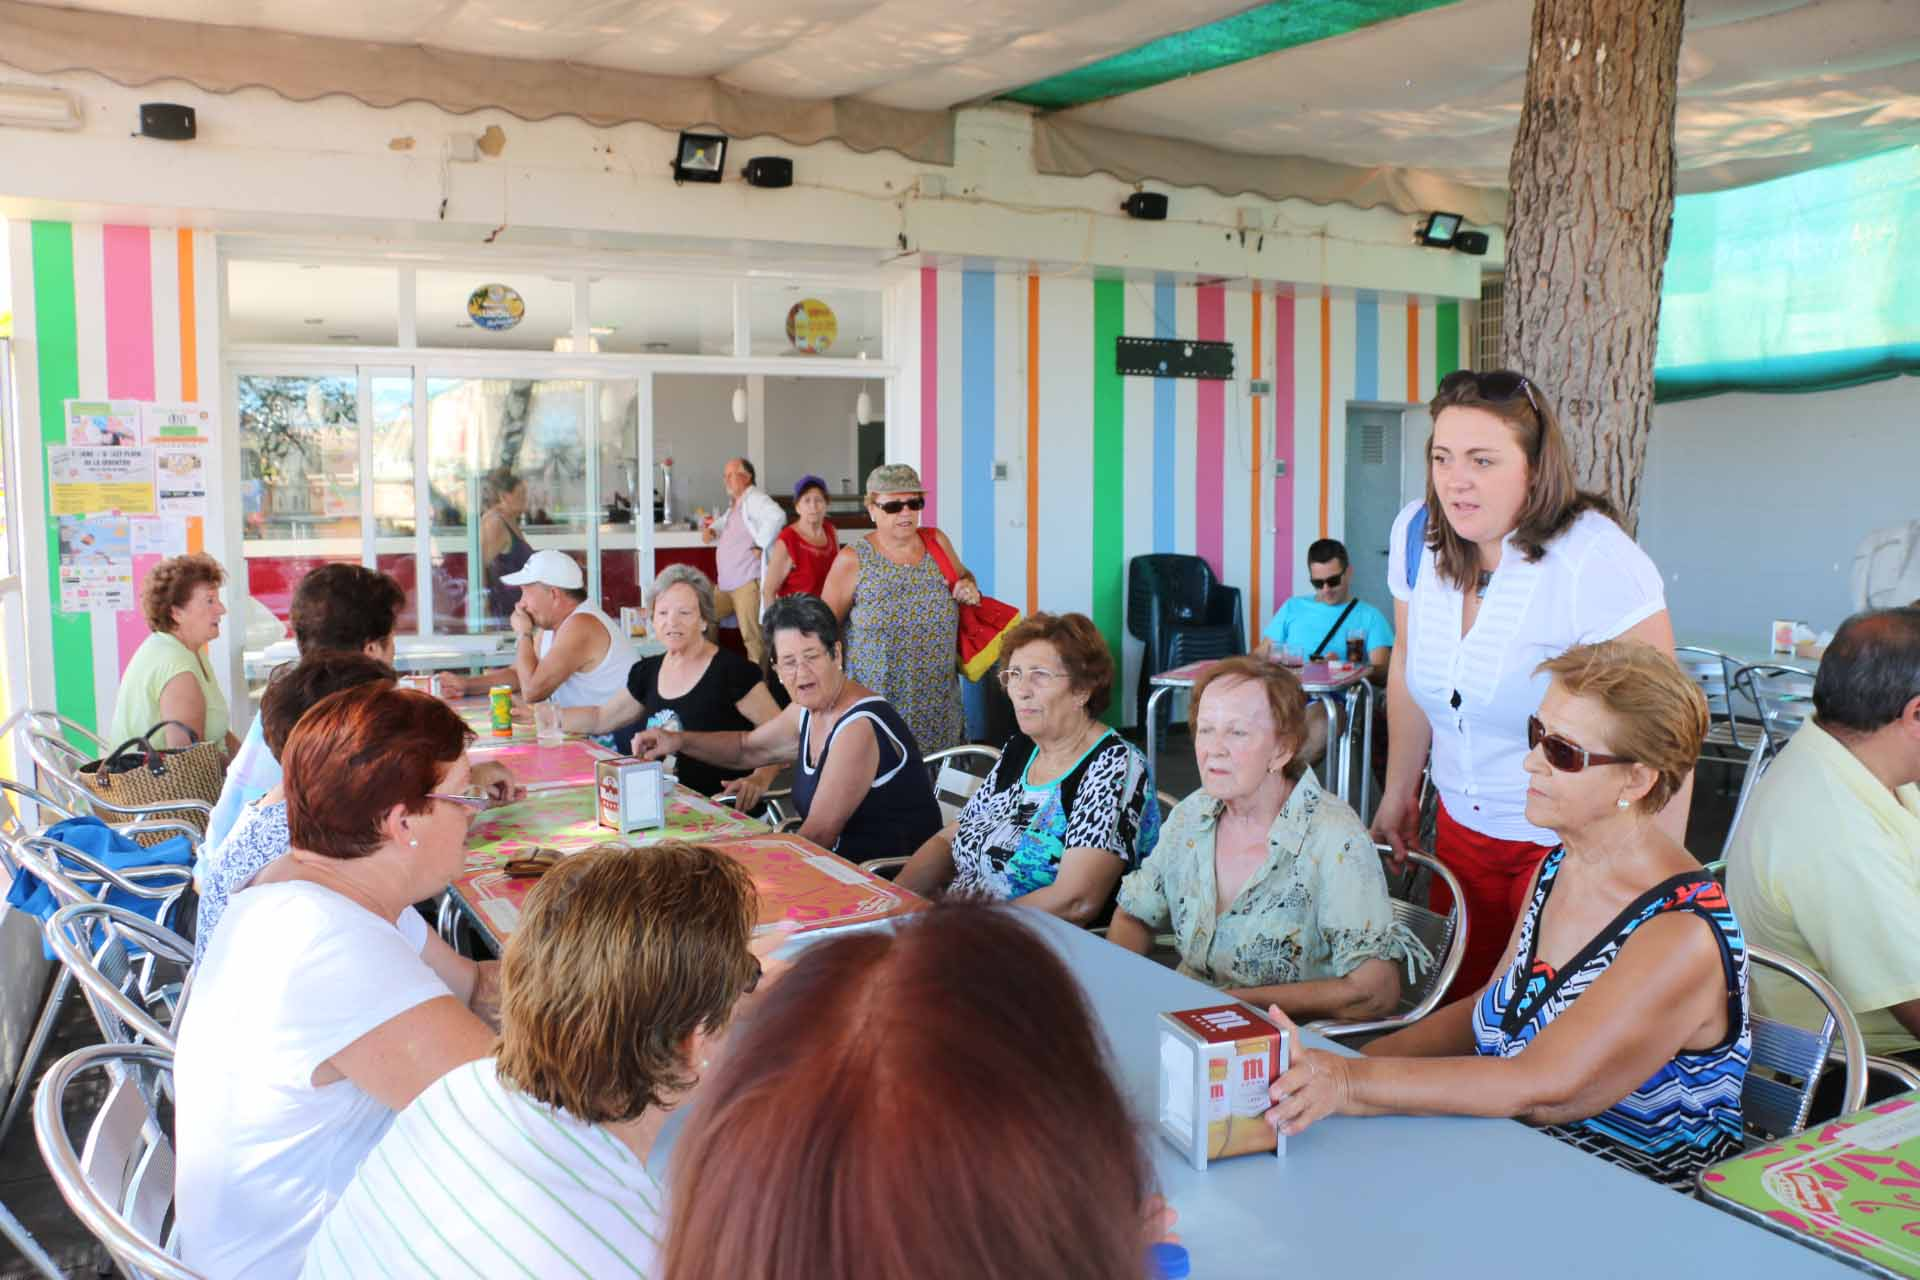 Clausurado el taller de gerontogimnasia en la piscina for Piscina municipal pozuelo